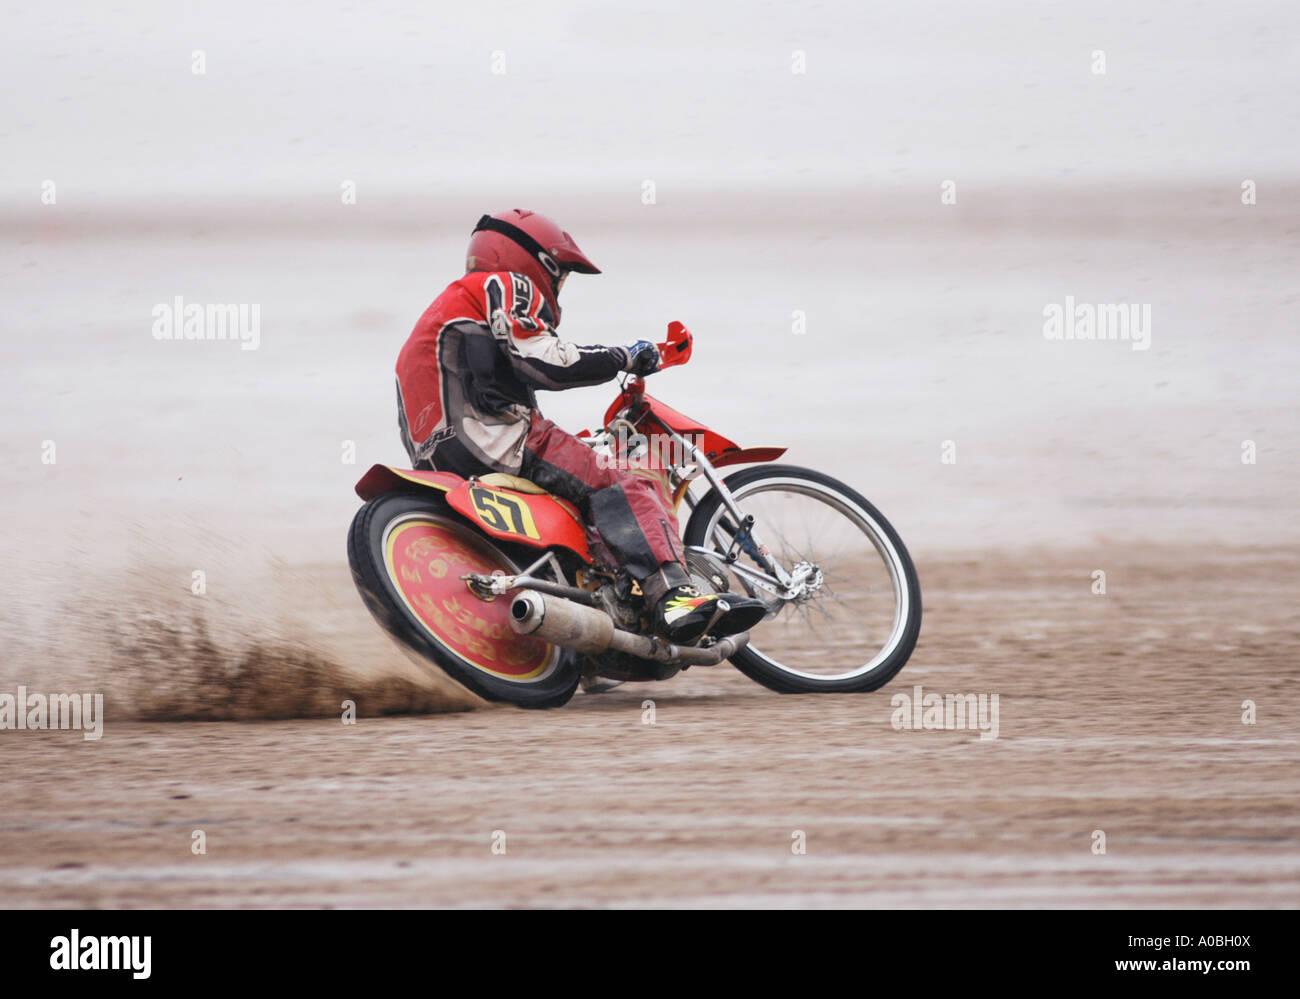 Speedway Motorcycle Racing Bikes: Jawa Bike Stock Photos & Jawa Bike Stock Images